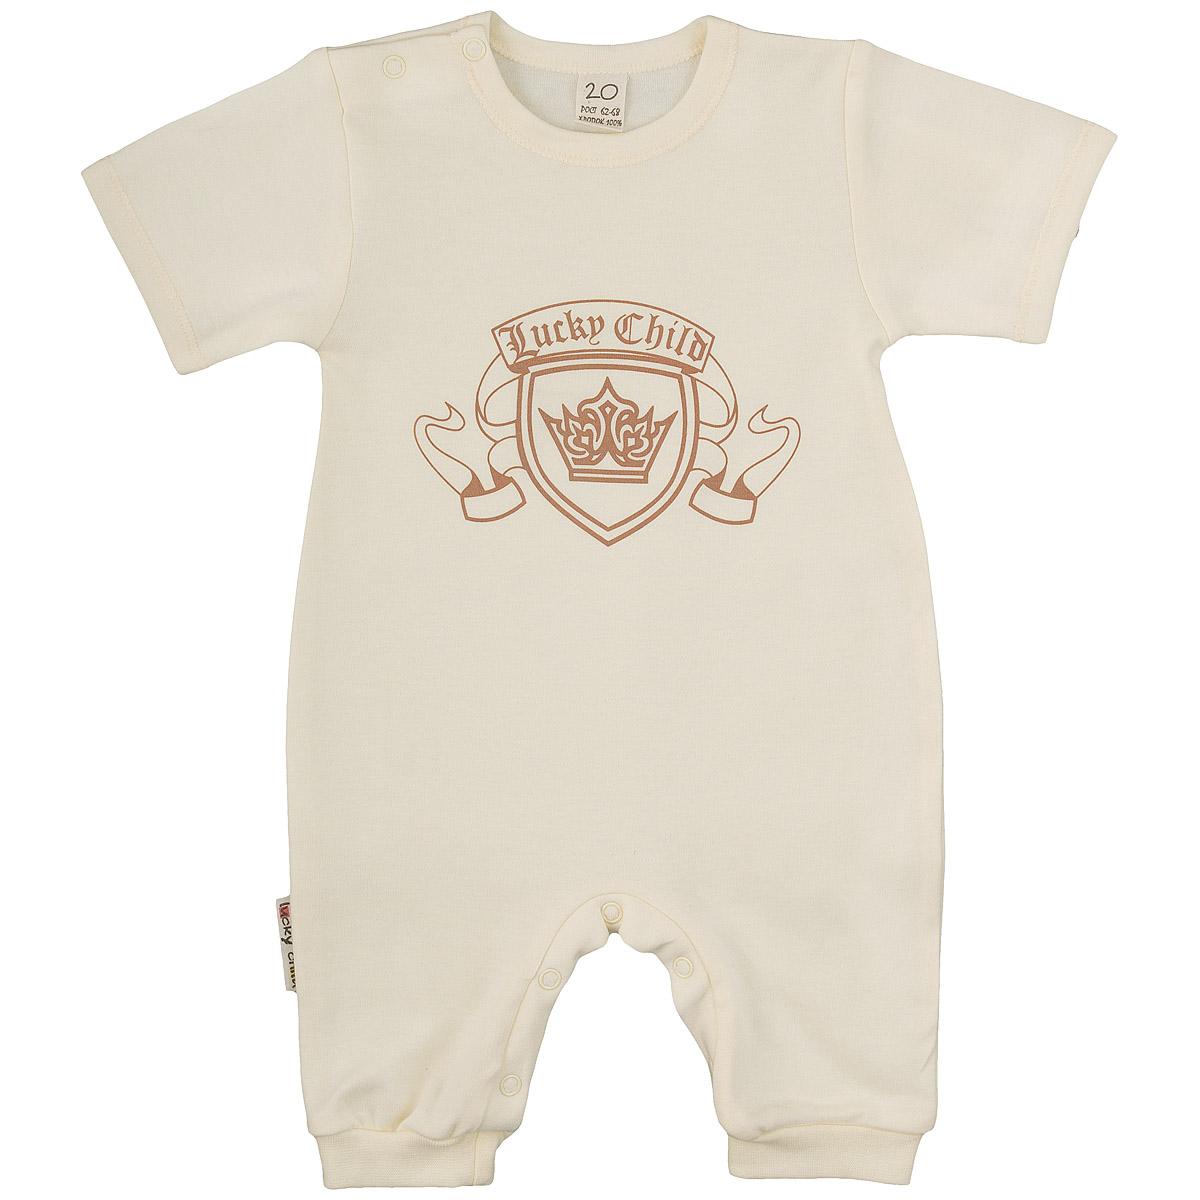 Боди/песочник6-28Песочник для новорожденного Lucky Child с короткими рукавами послужит идеальным дополнением к гардеробу вашего малыша, обеспечивая ему наибольший комфорт. Изготовленный из интерлока - натурального хлопка, он необычайно мягкий и легкий, не раздражает нежную кожу ребенка и хорошо вентилируется, а эластичные швы приятны телу малыша и не препятствуют его движениям. Удобные застежки-кнопки по плечу и на ластовице помогают легко переодеть младенца или сменить подгузник. На груди модель оформлена оригинальным притом в виде логотипа бренда. Песочник полностью соответствует особенностям жизни ребенка в ранний период, не стесняя и не ограничивая его в движениях. В нем ваш малыш всегда будет в центре внимания.